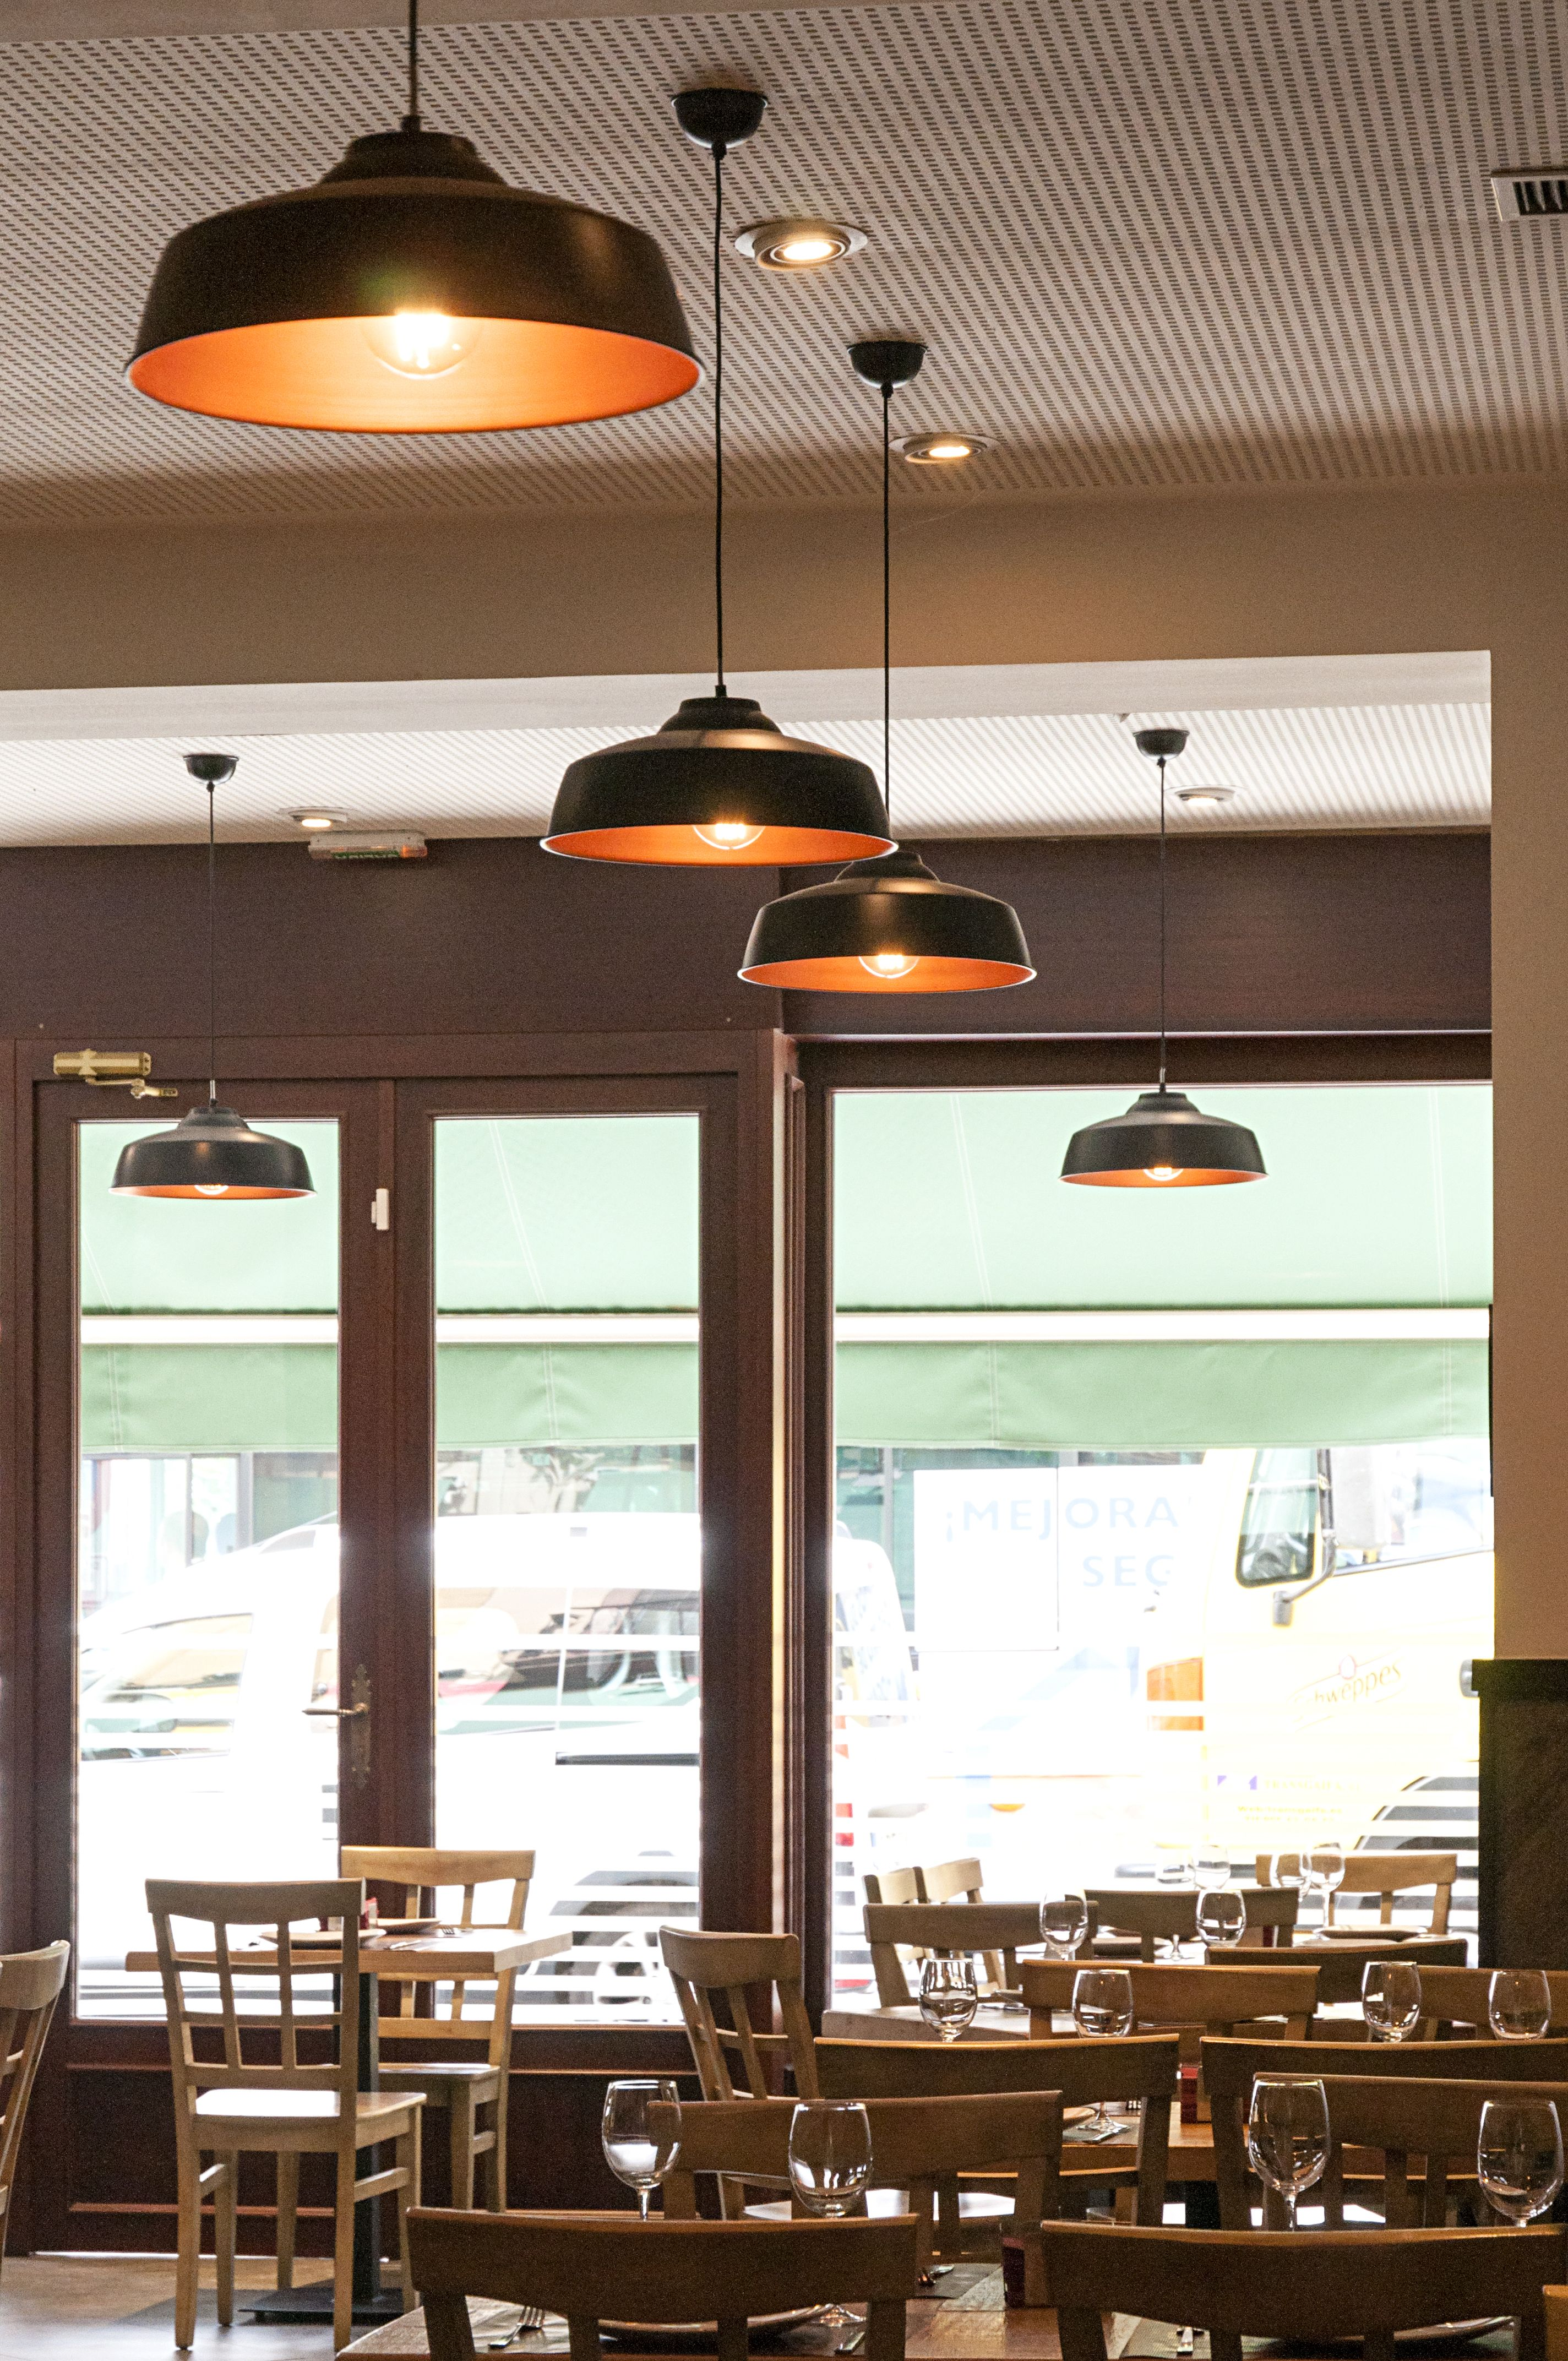 Foto 4 de Tapas en (Reservas sólo por tlf. o en el local)   Bar Restaurante Blanca Paloma